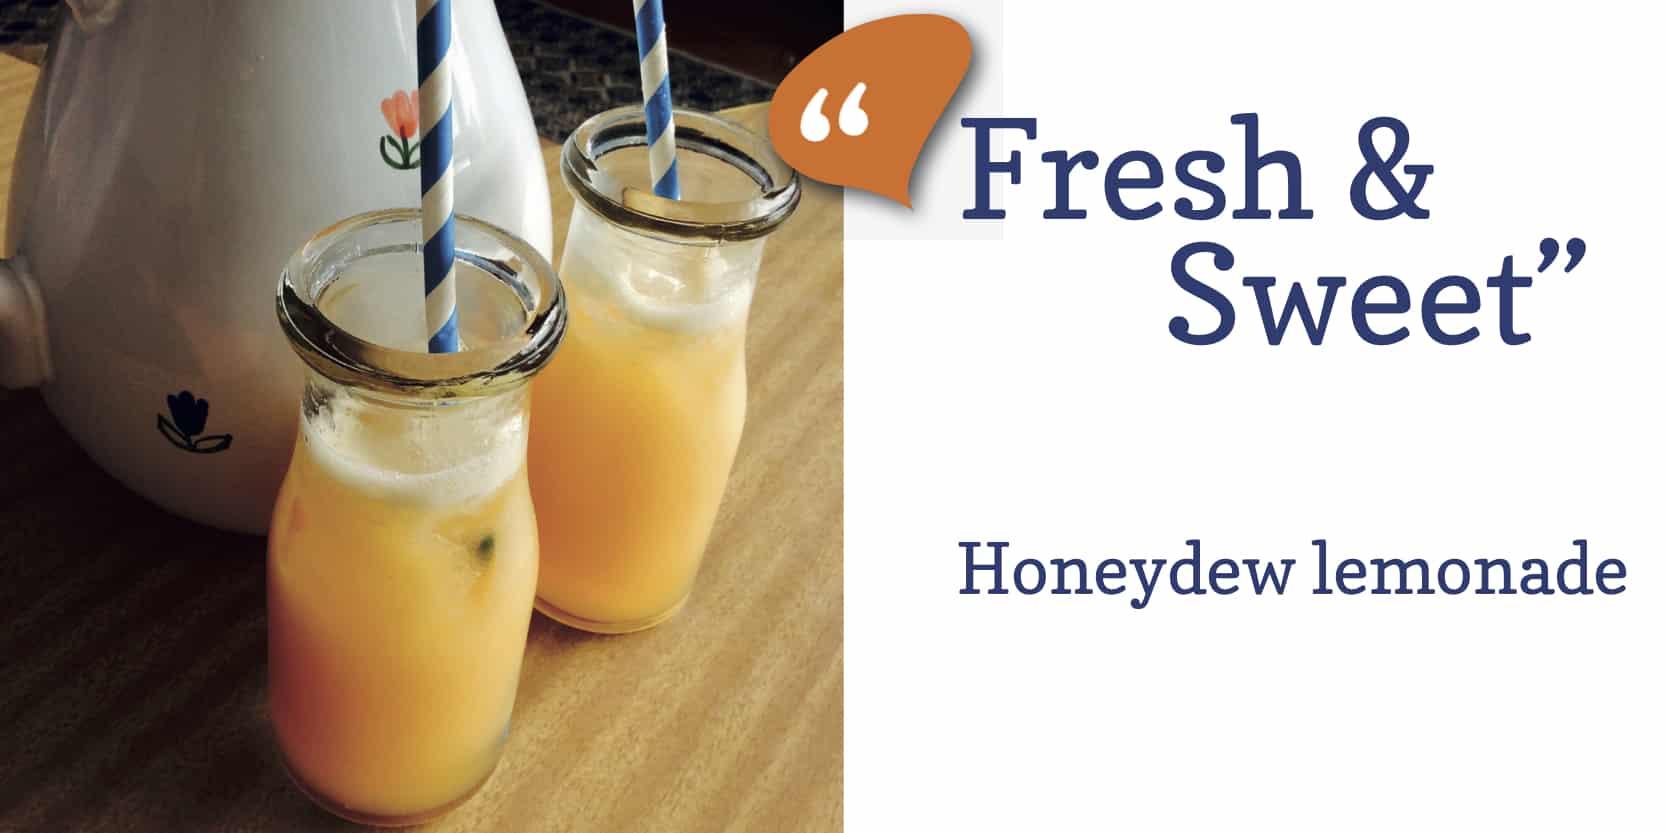 Honeydew Lemonade copy